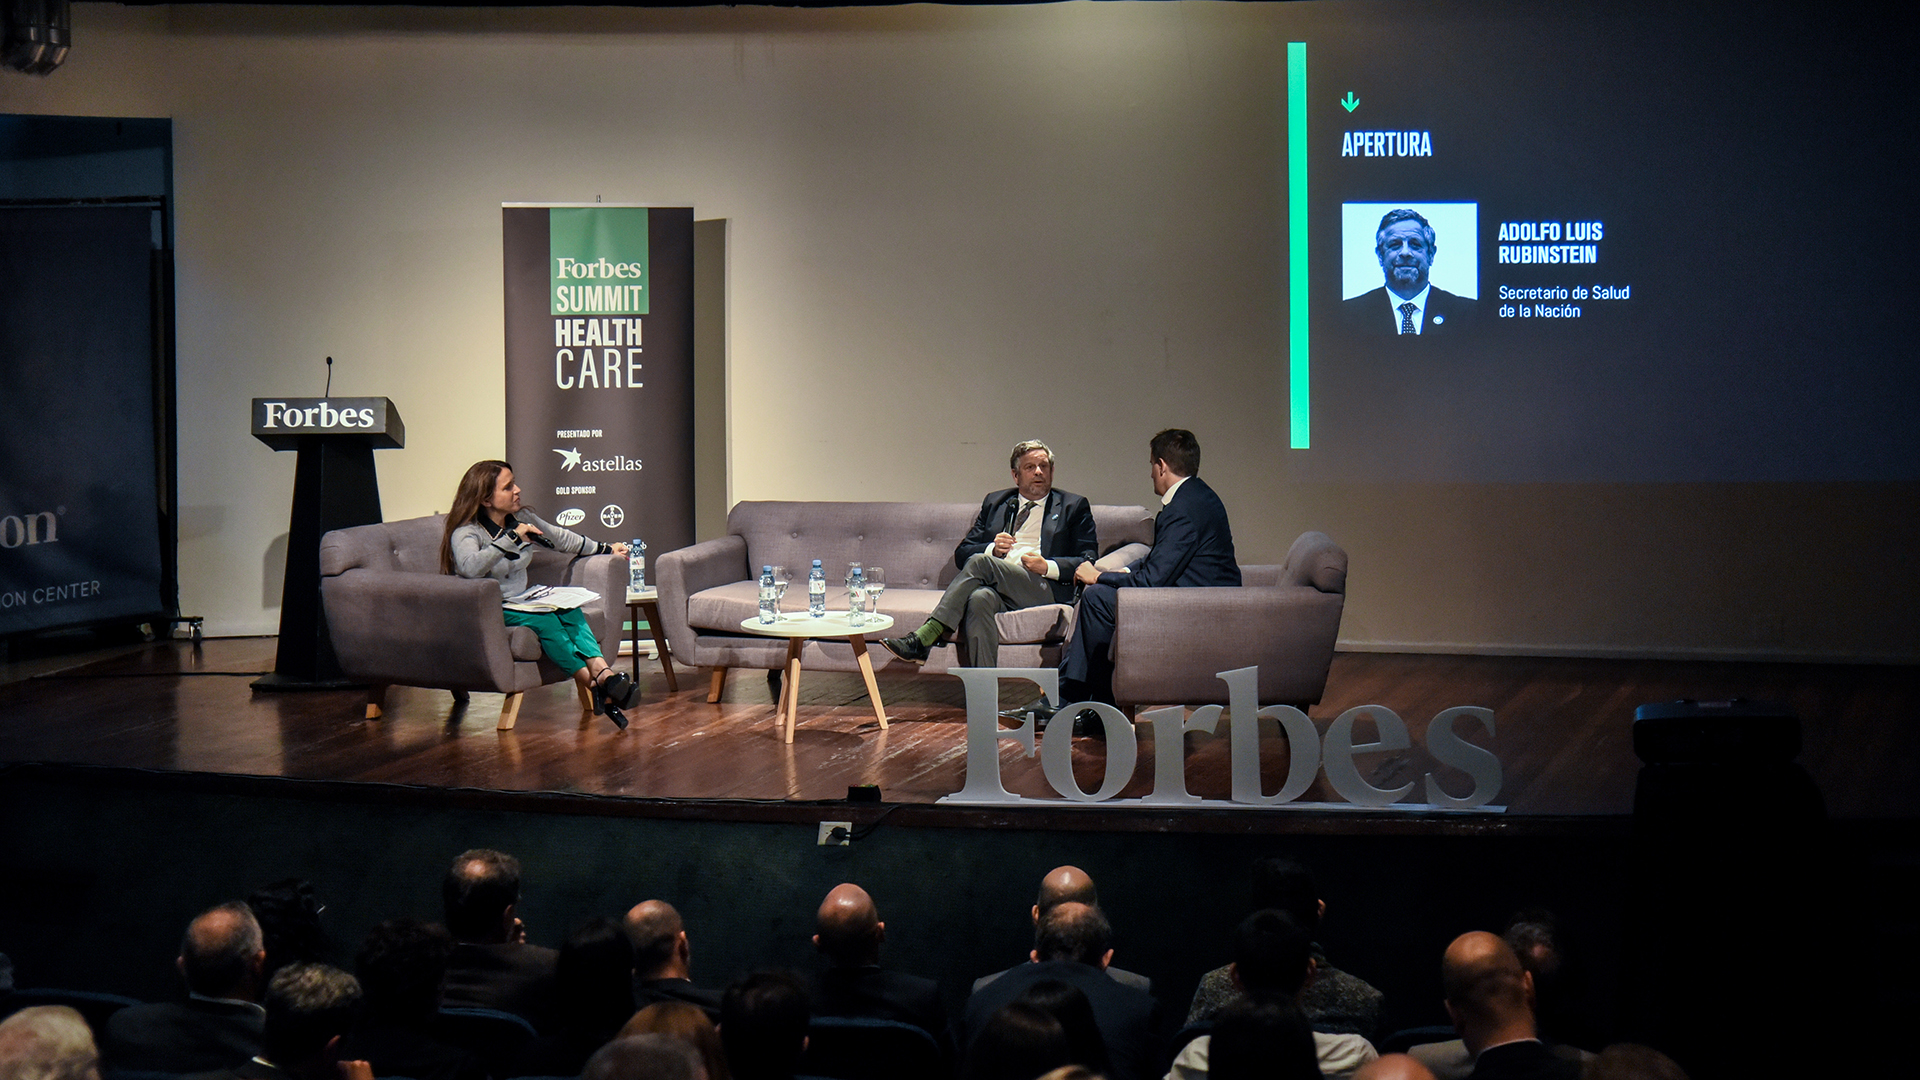 El secretario de Salud de la Nación inauguró la segunda edición de Forbes Health Summit en Argentina con el objetivo de debatir el escenario actual y las perspectivas de la salud en el país. (Juan Ulrich)